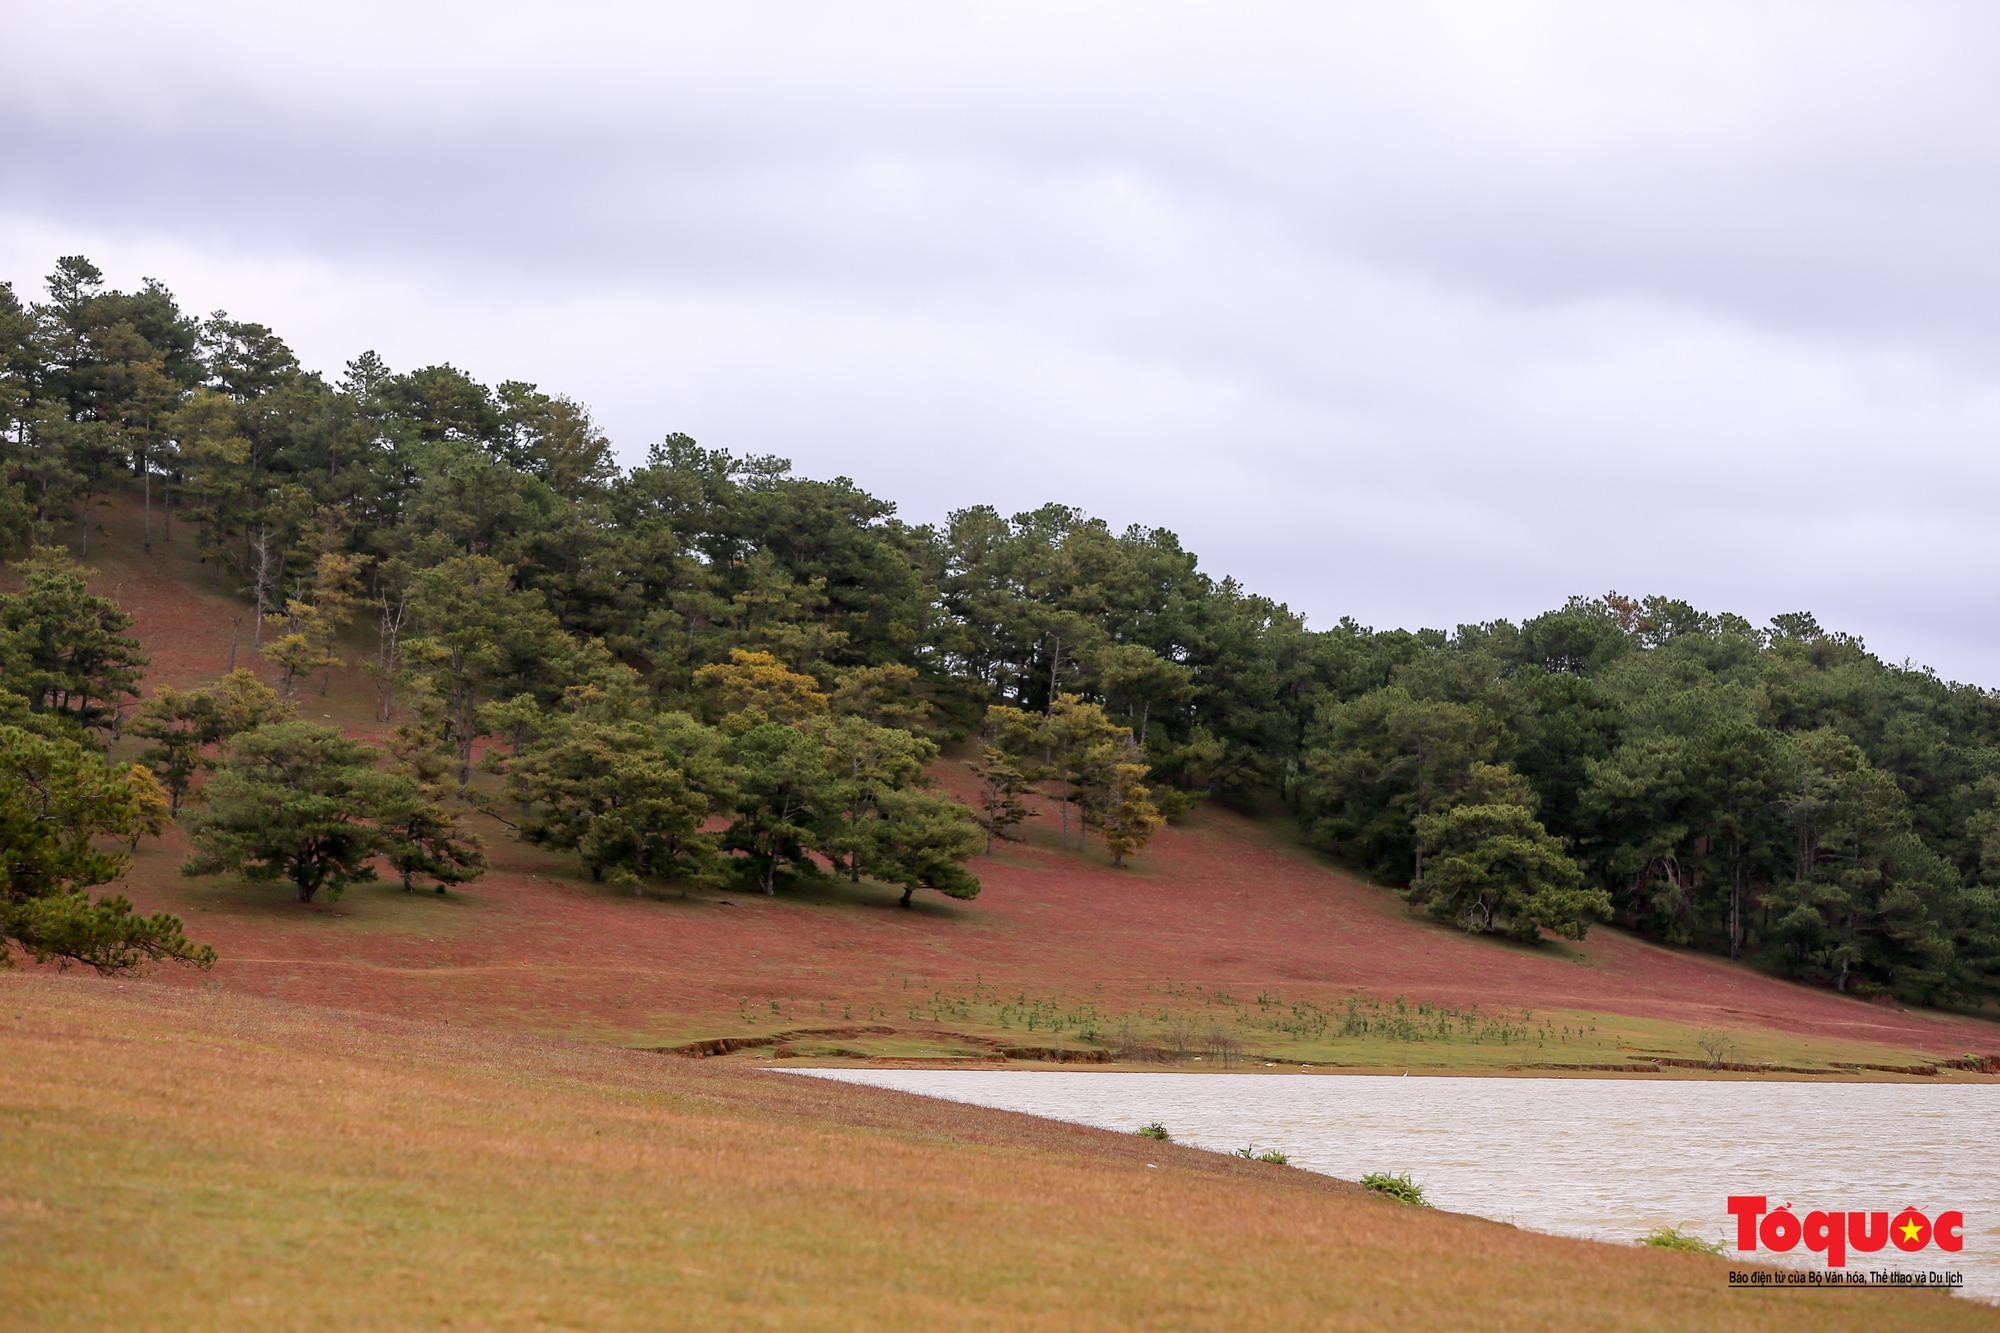 """Đồi cỏ hồng ở Đà Lạt đẹp như tranh sẽ khiến khách du lịch """"mê mẩn"""" - Ảnh 5."""